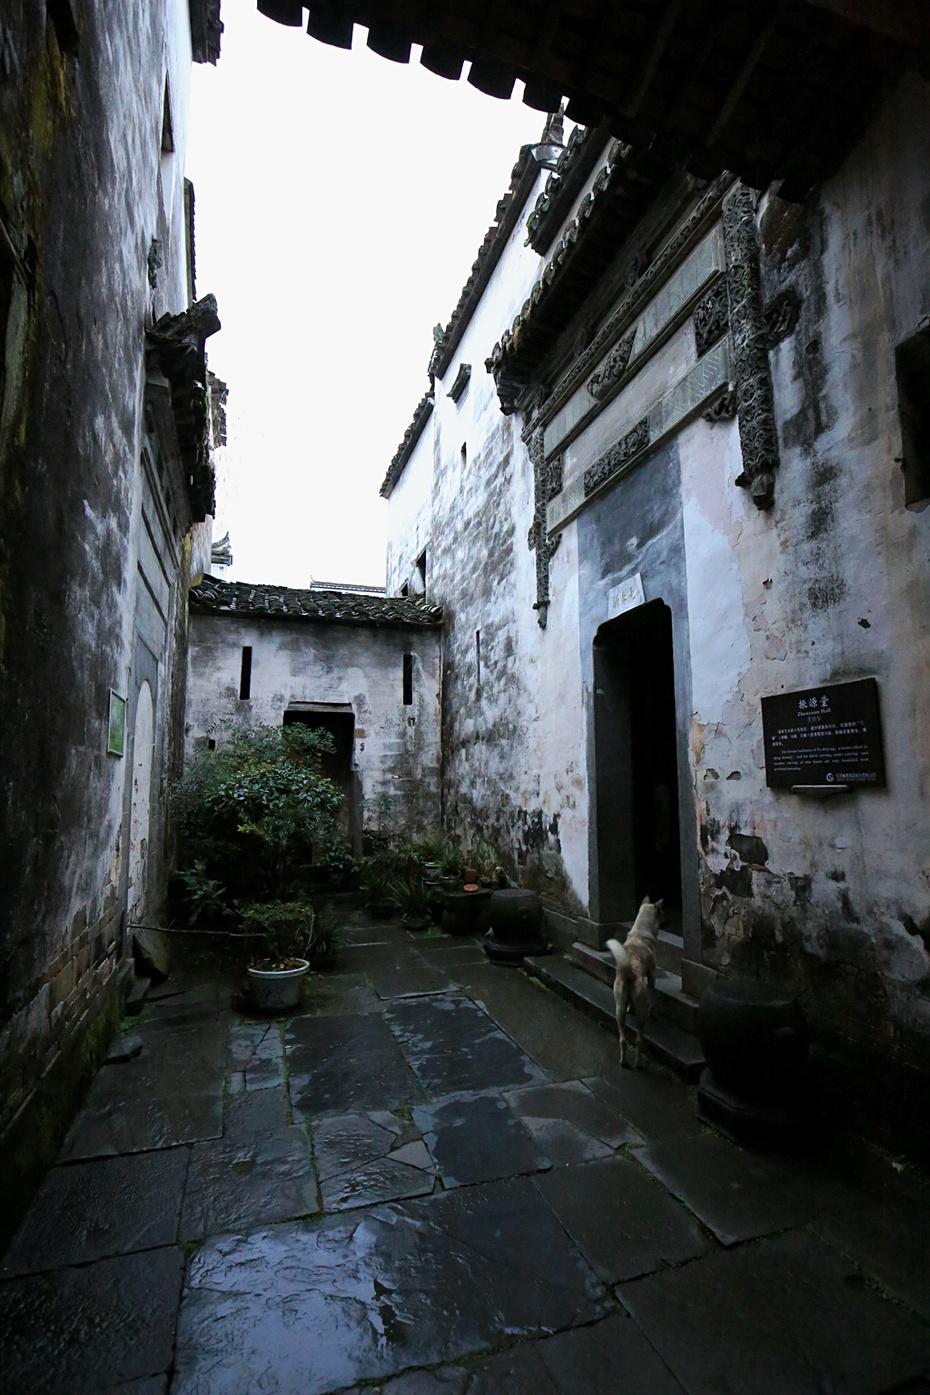 婺源暮秋,流年之爱 - 余昌国 - 我的博客